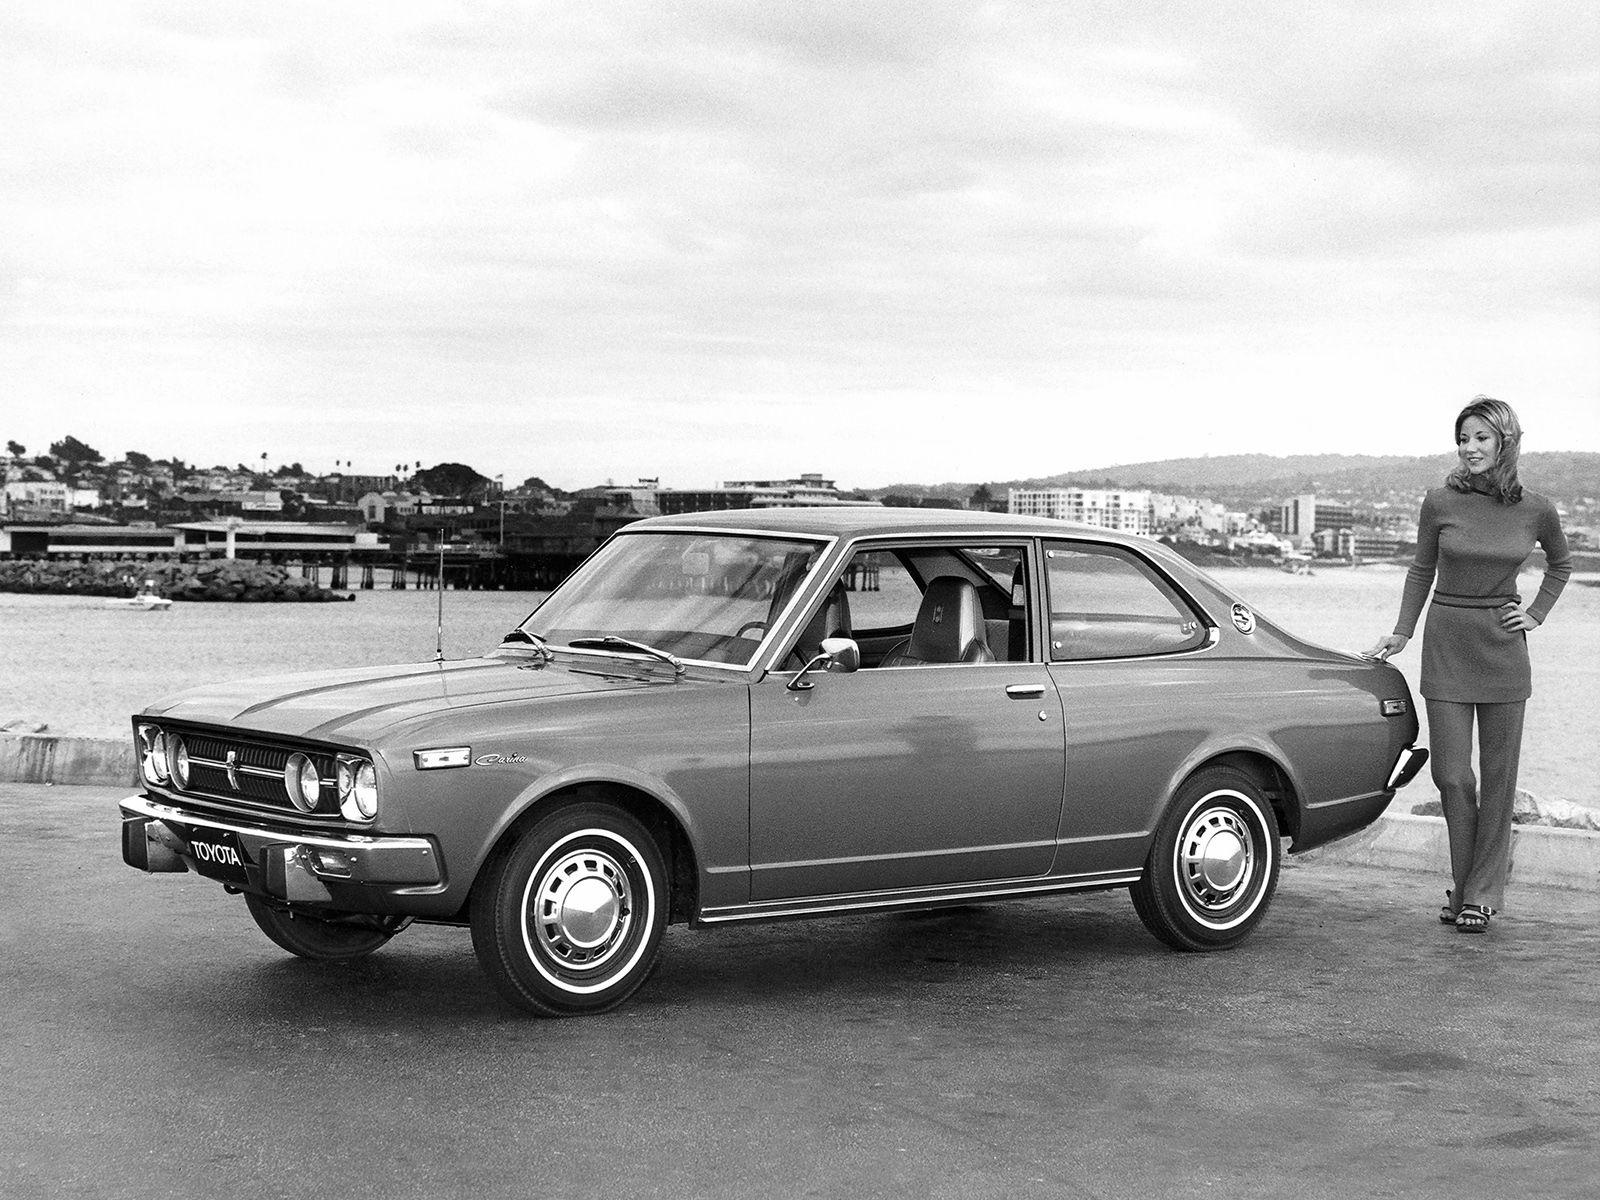 トヨタ゠リーナ1600年2ドアム゠ダン北米(TA12)」1971年から1977年